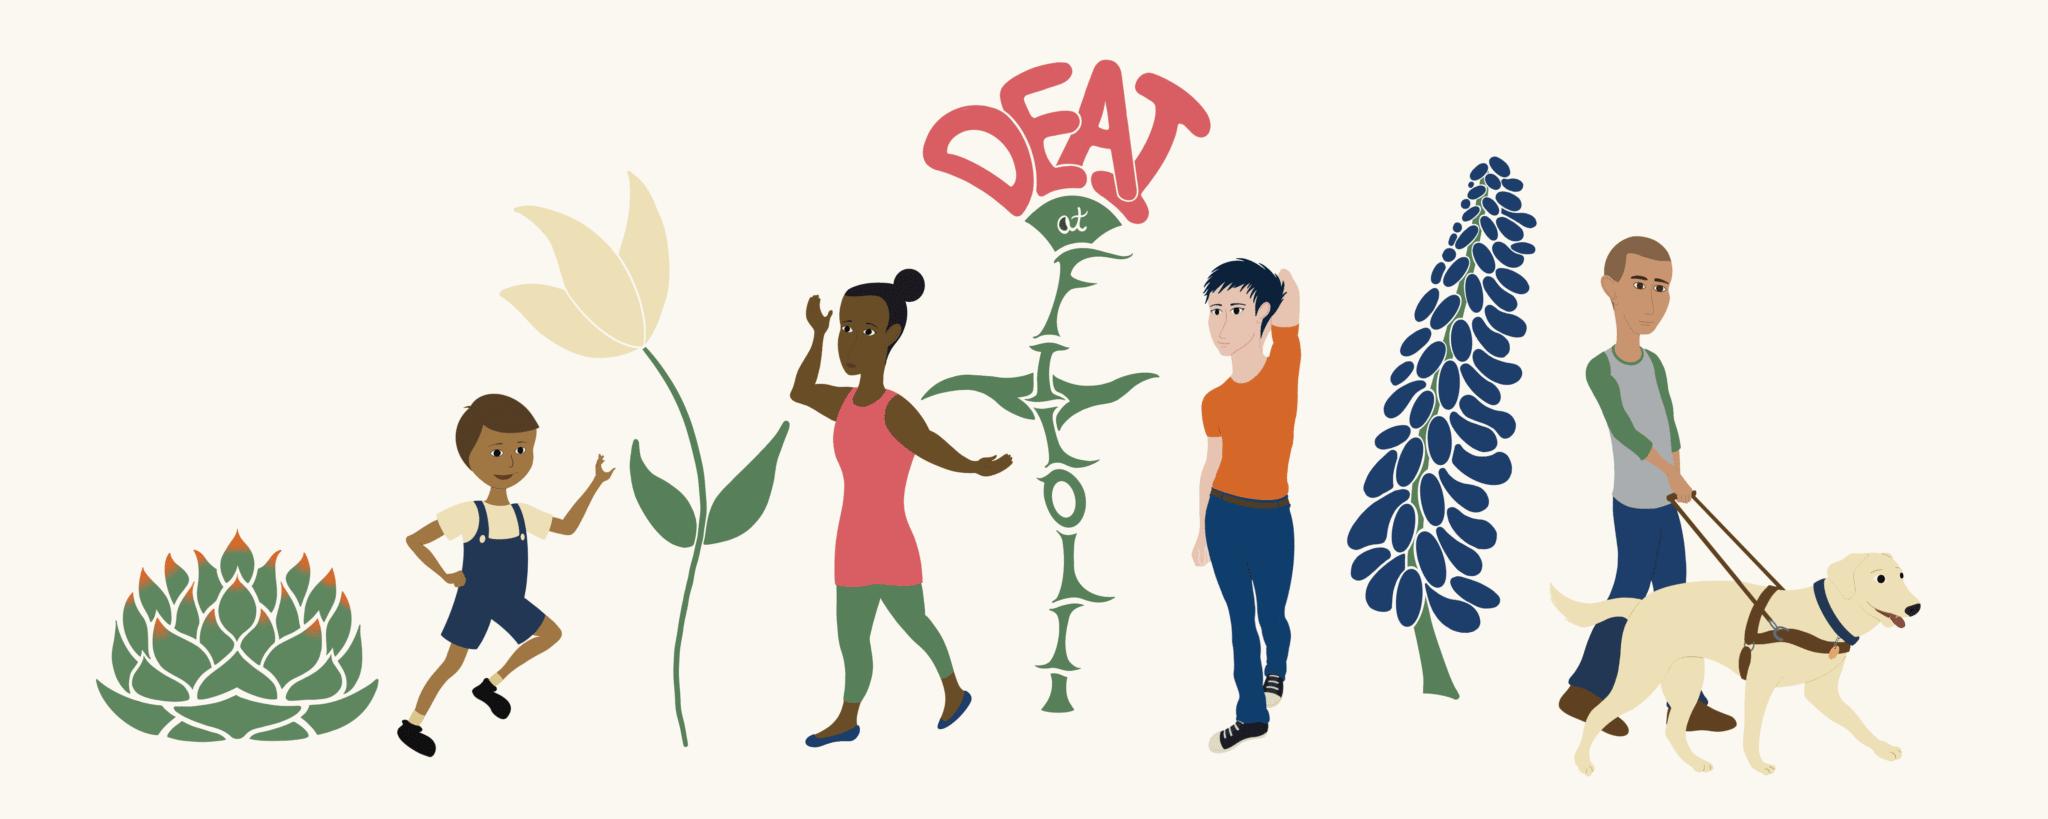 DEAI Illustration V2